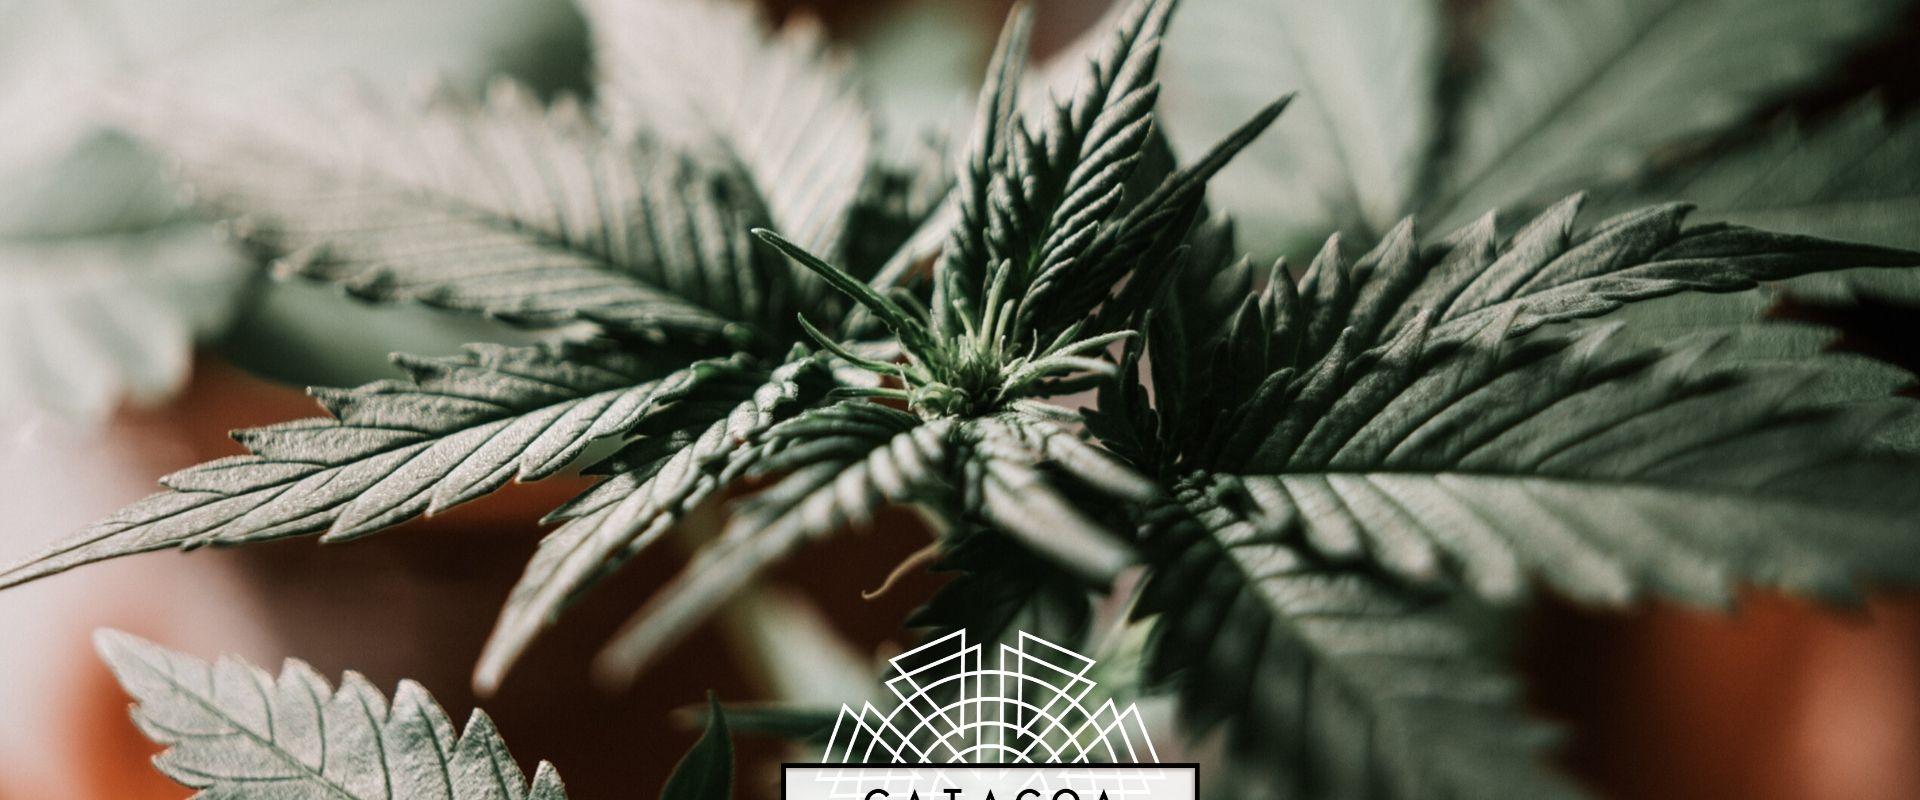 7 Recomendaciones antes de empezar tu cultivo de marihuana